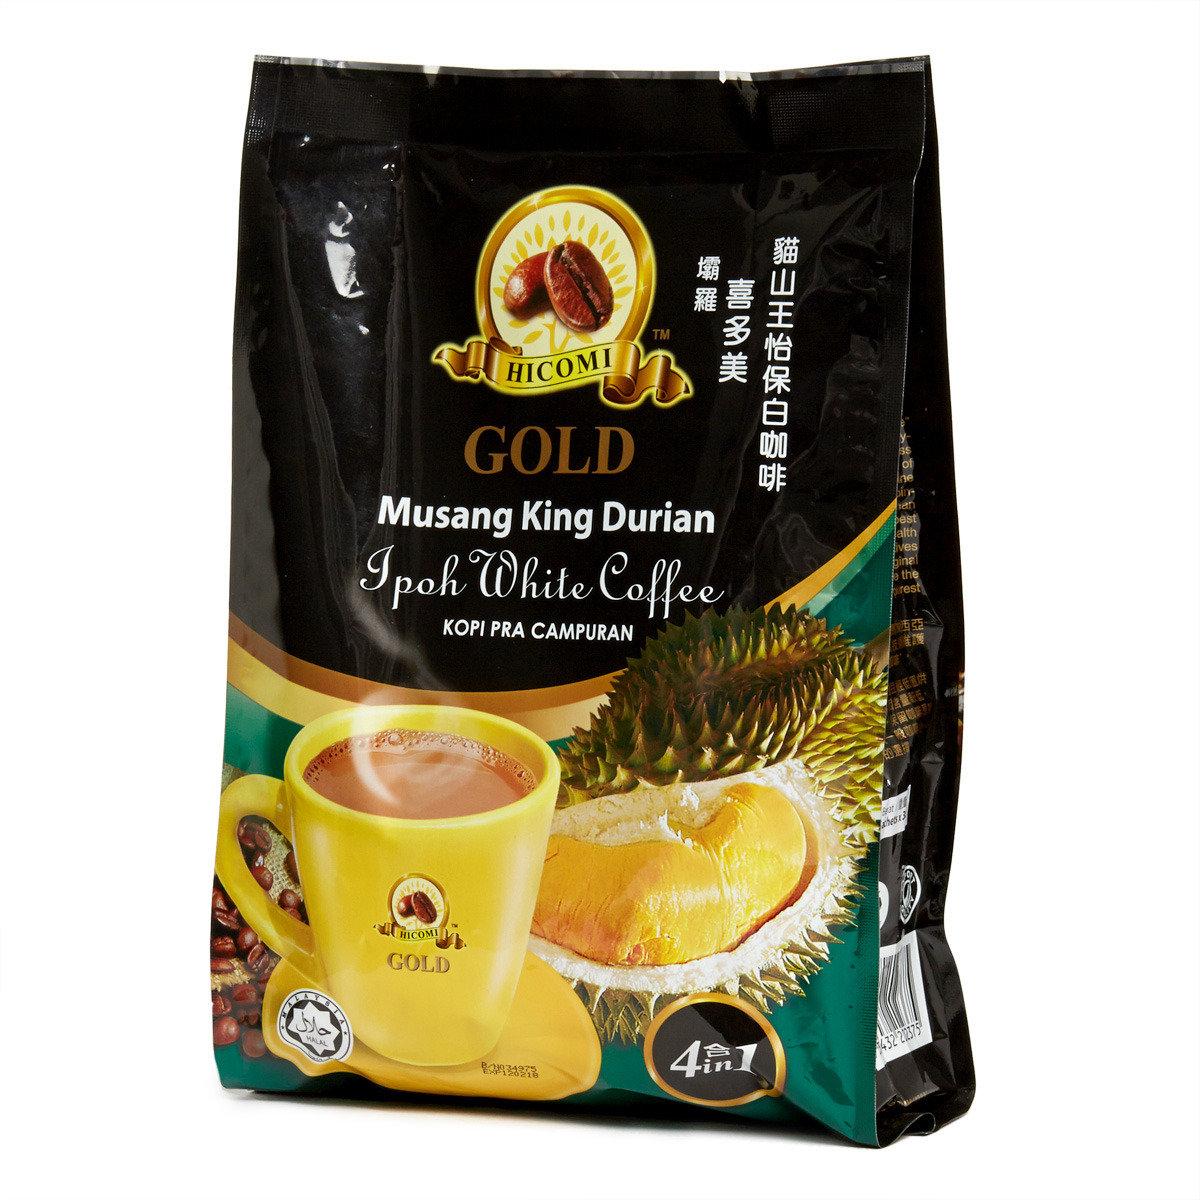 4合1貓山王榴槤白咖啡